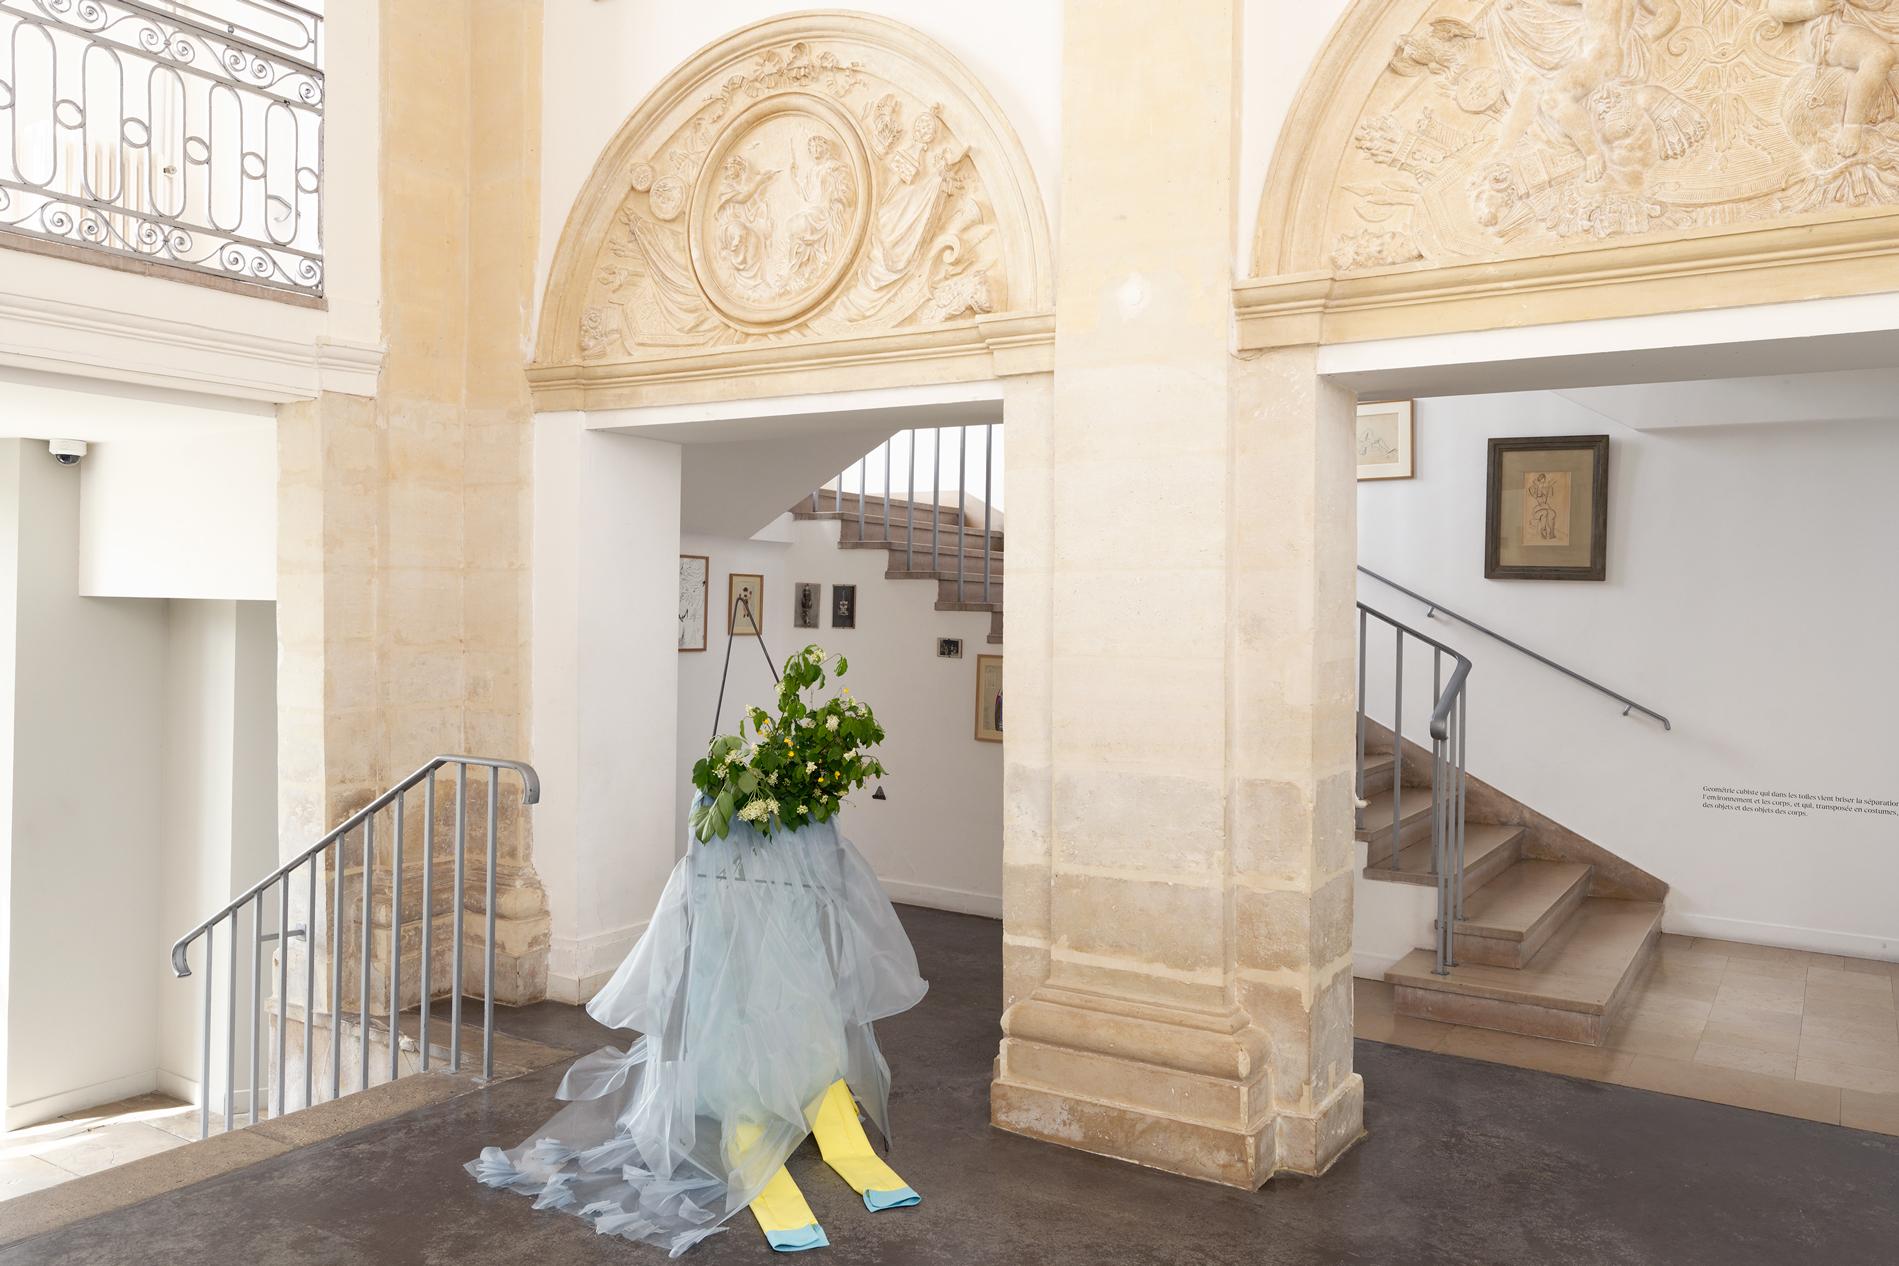 """Mercedes Azpilicueta, """"Les Trois Arlequins"""", 2019. Vue de l'exposition """"Une journée avec Marie Vassilieff"""". Crédit Photo : Aurélien Mole"""